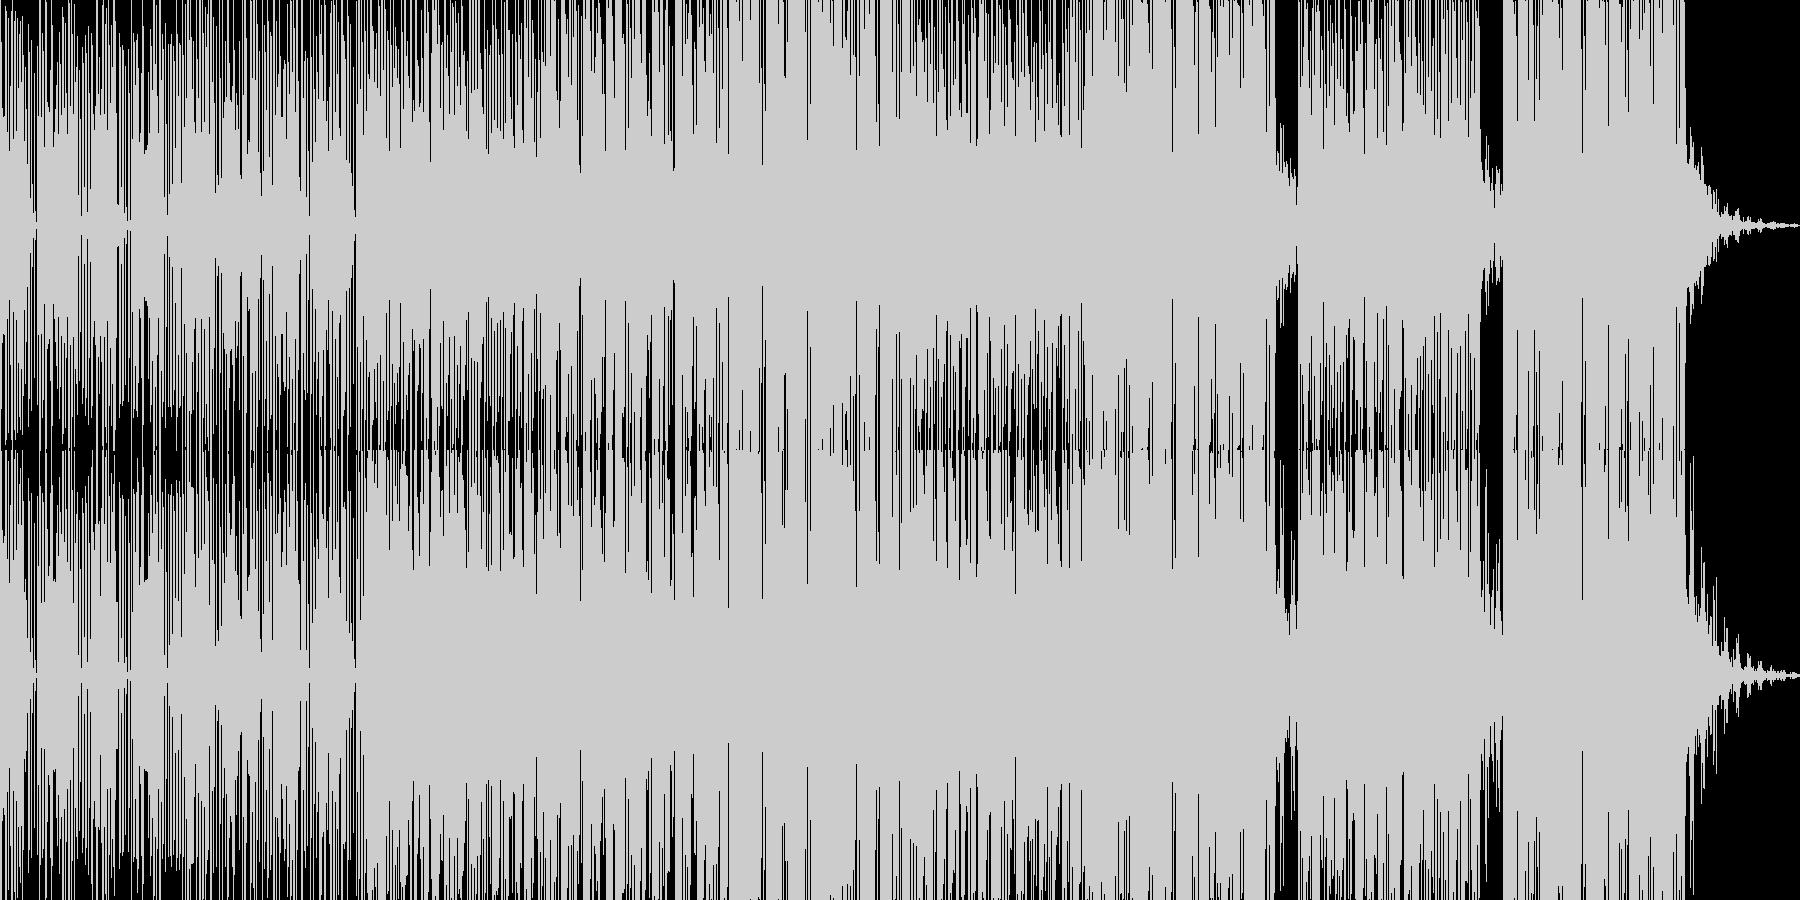 ヒップホップ系ハードなエレクトロニカの未再生の波形